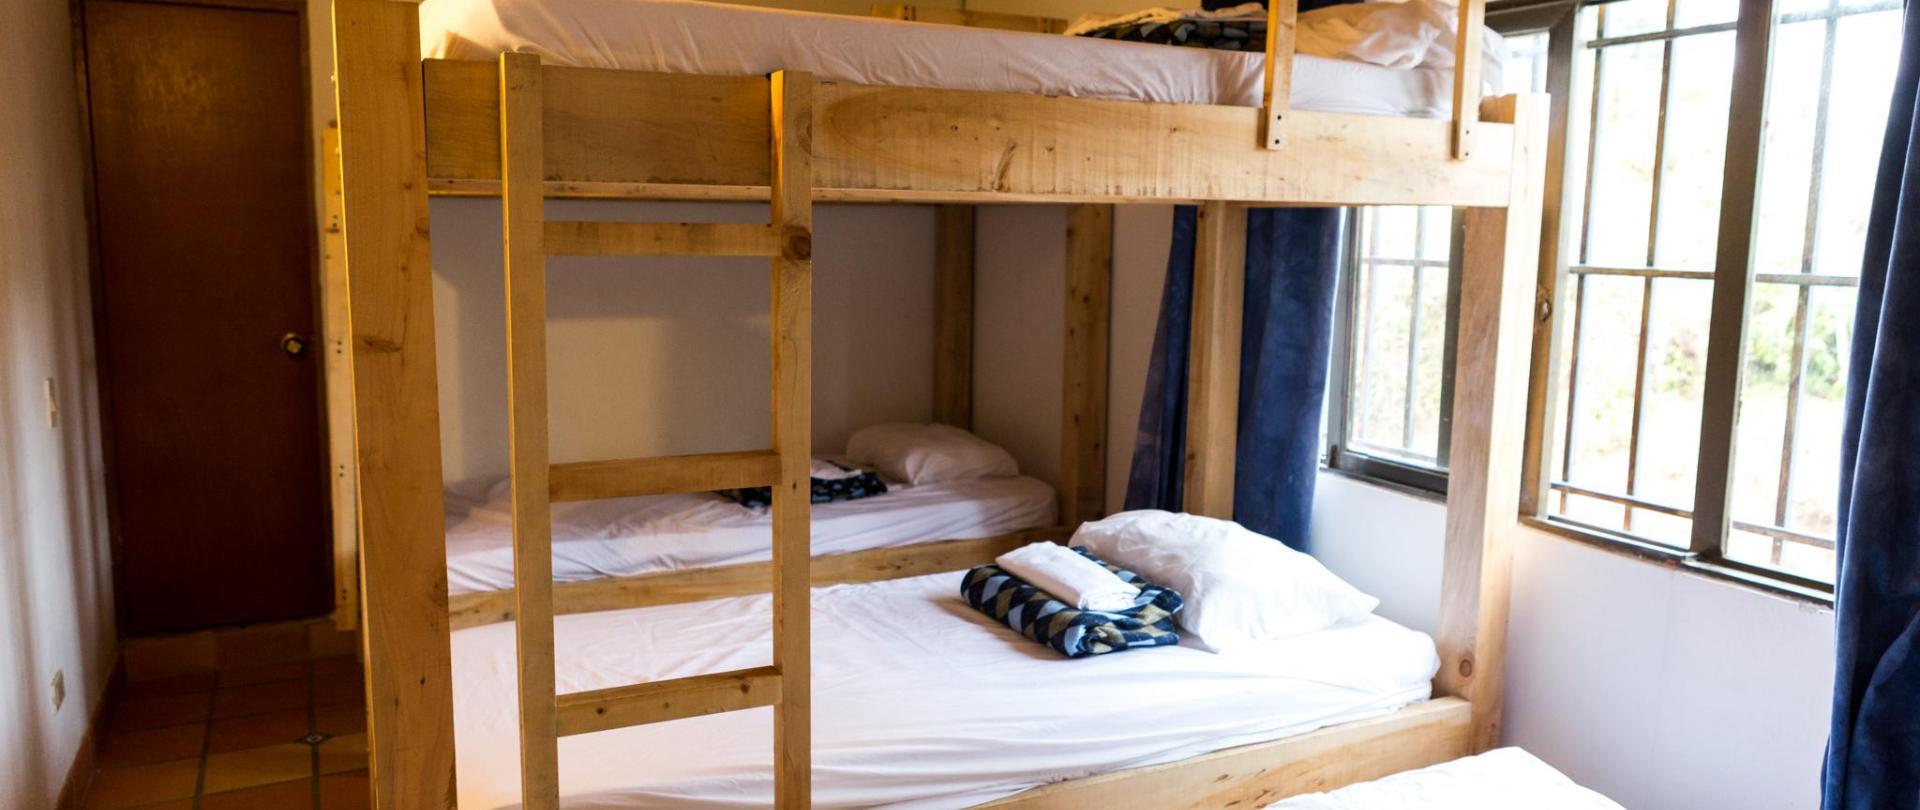 Galería Guatape habitaciones -3.jpg